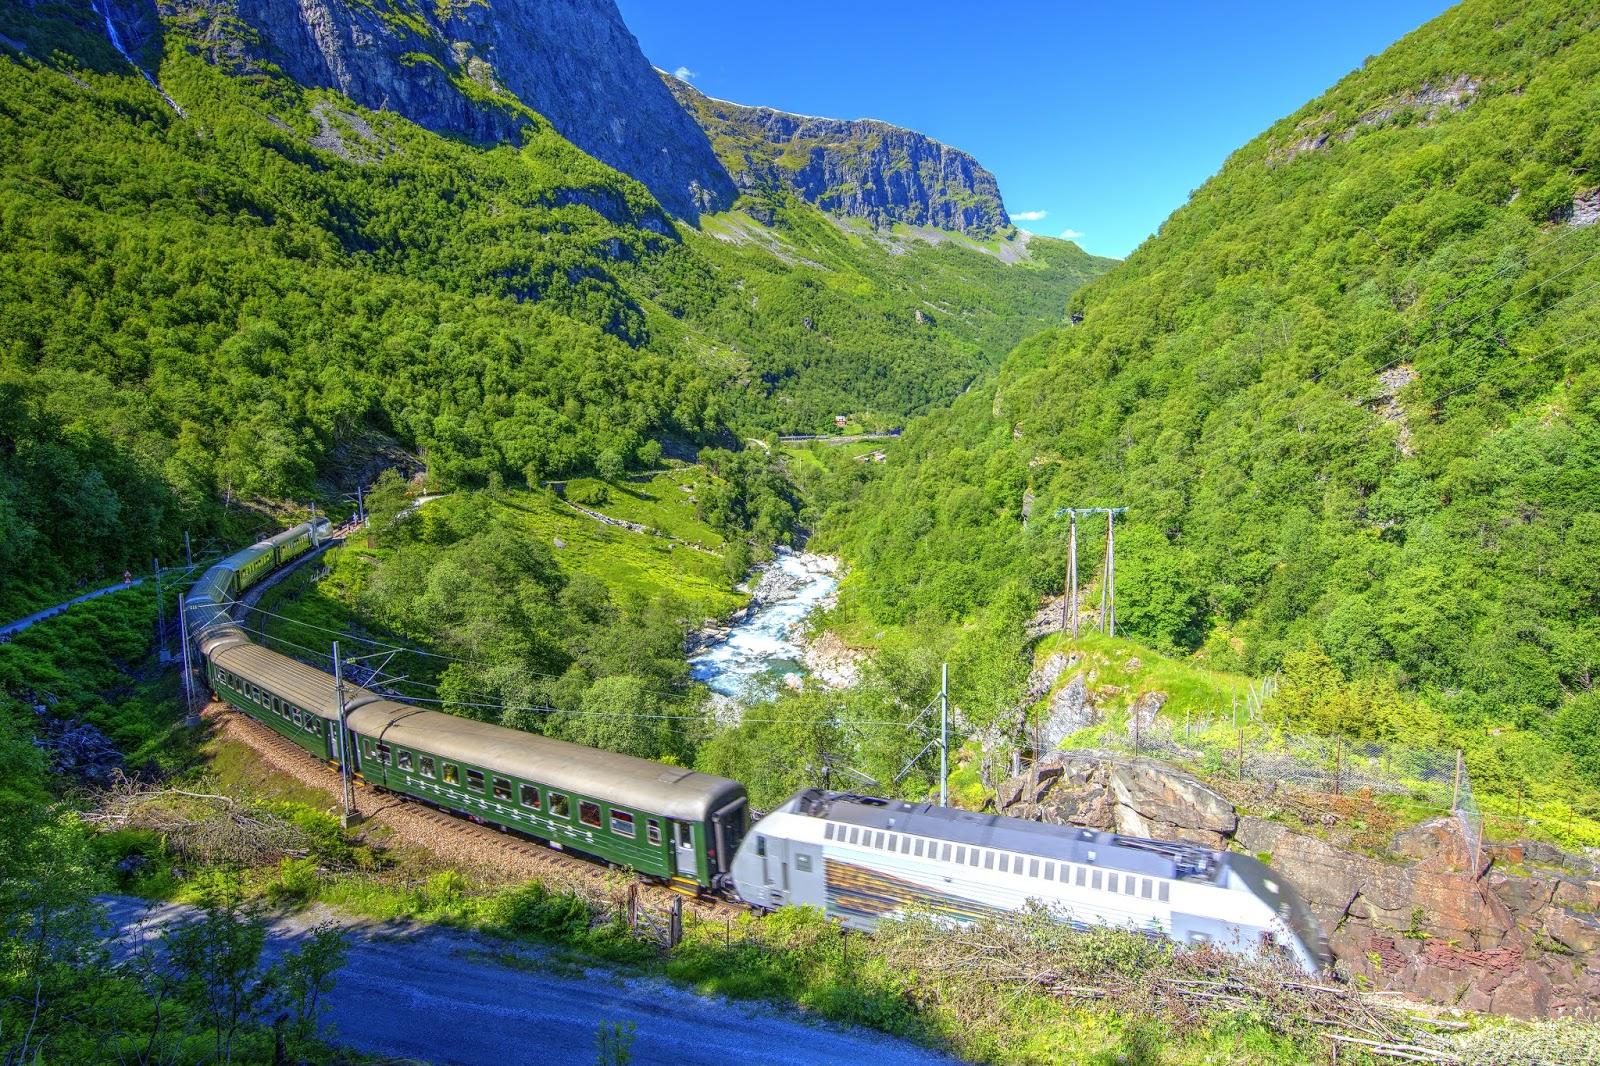 Noruega24 - Noticias y viajes a Noruega -: 2017